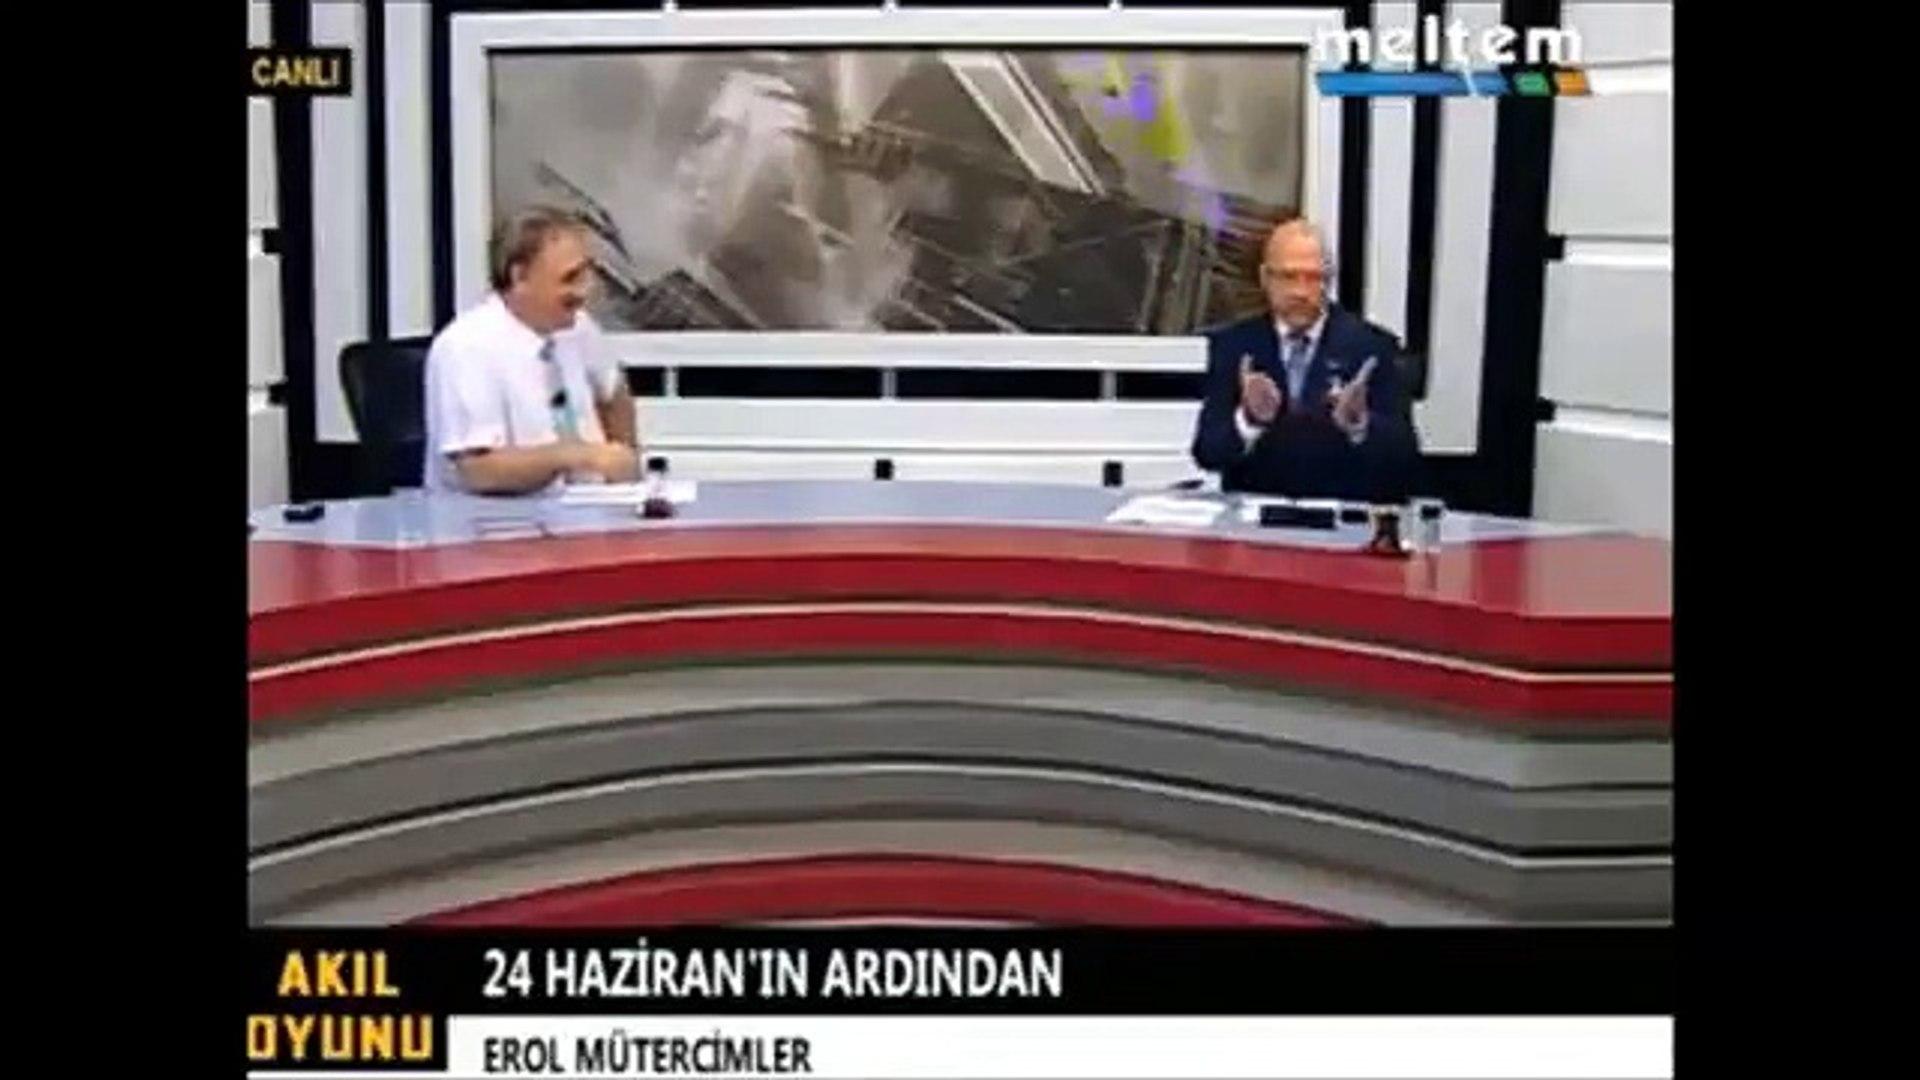 Stratejist Mütercimler'den CHP'ye ve Halk TV'ye: İnce rezil olsun diye dua ettiler be